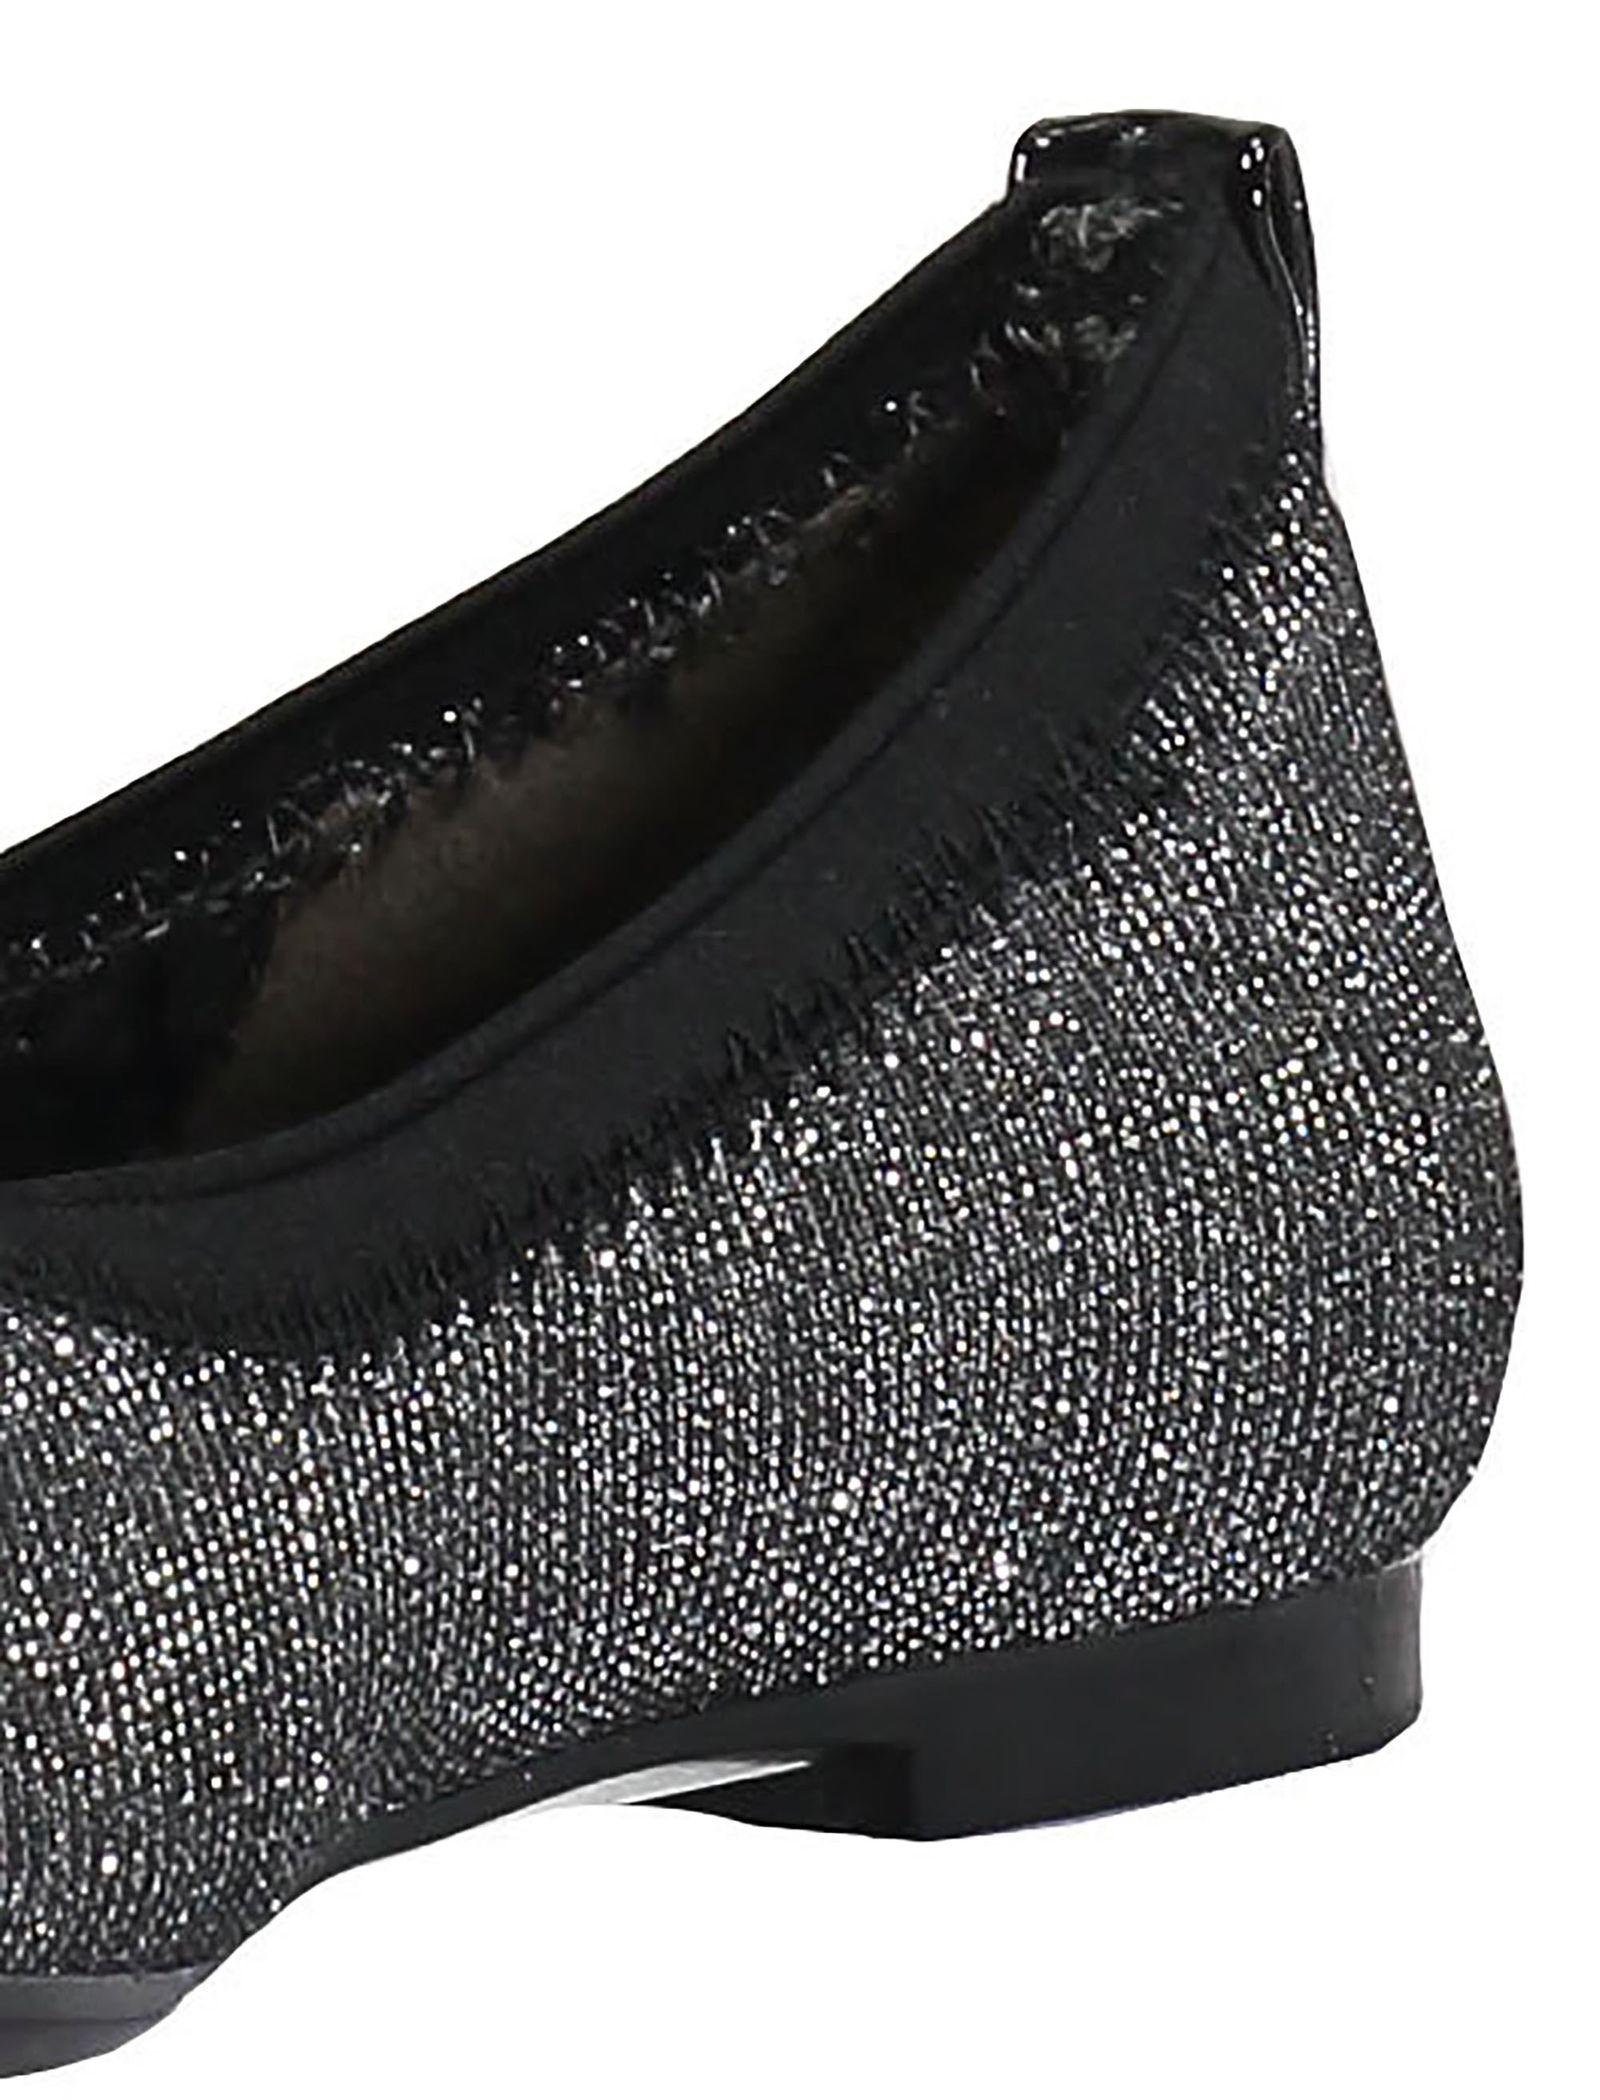 کفش تخت عروسکی دخترانه - باتا - نقره اي - 7